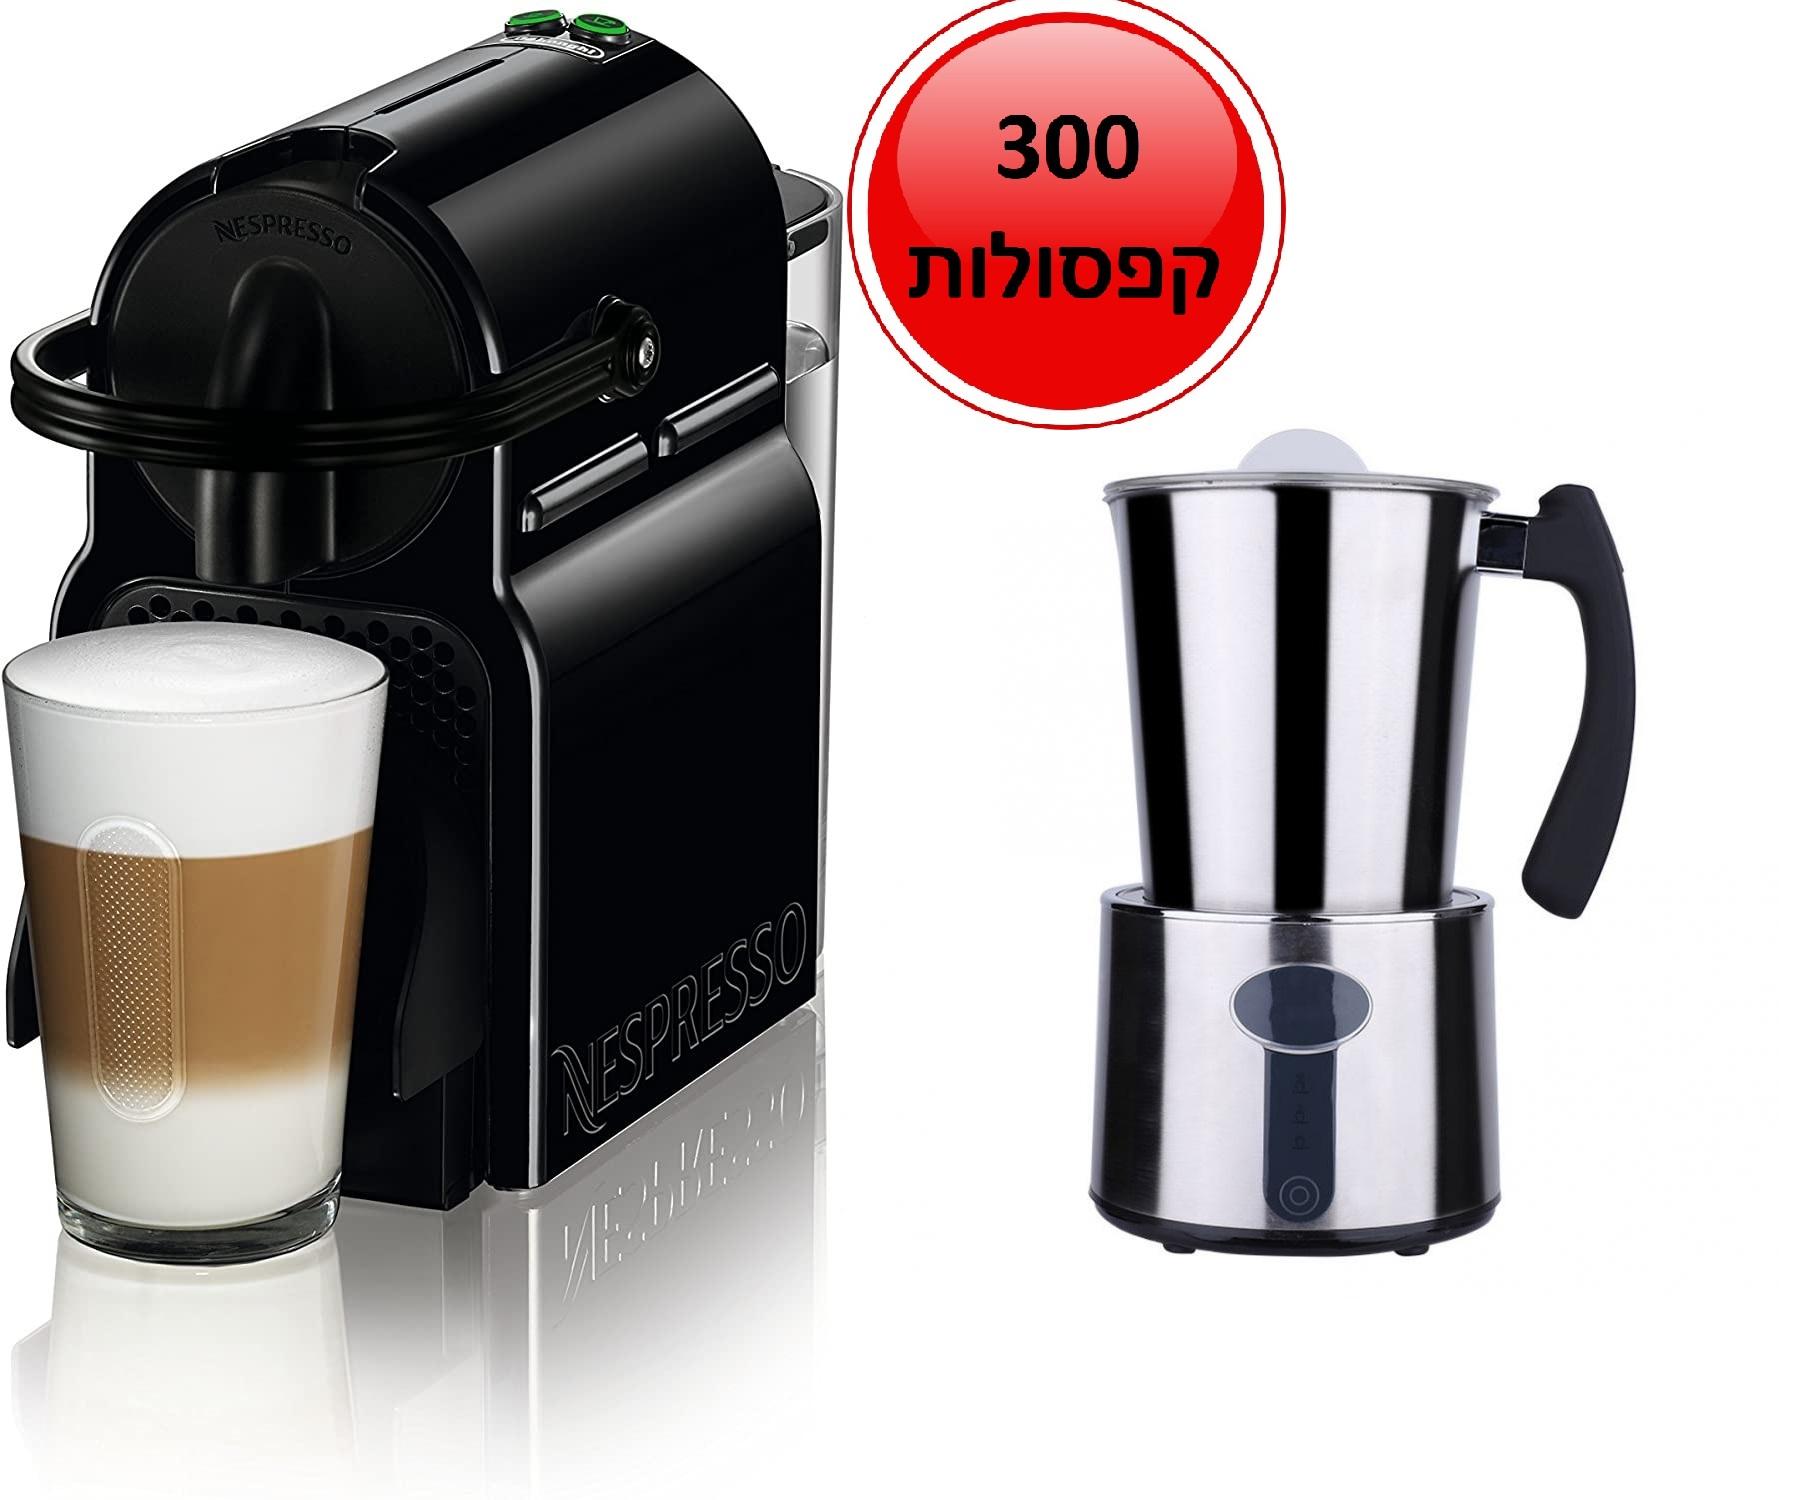 סט Espresso&Milk : מכונת אספרסו Nespresso Inissia D40 נספרסו + מקציף חלב מנירוסטה וקבלו 300 קפסולות